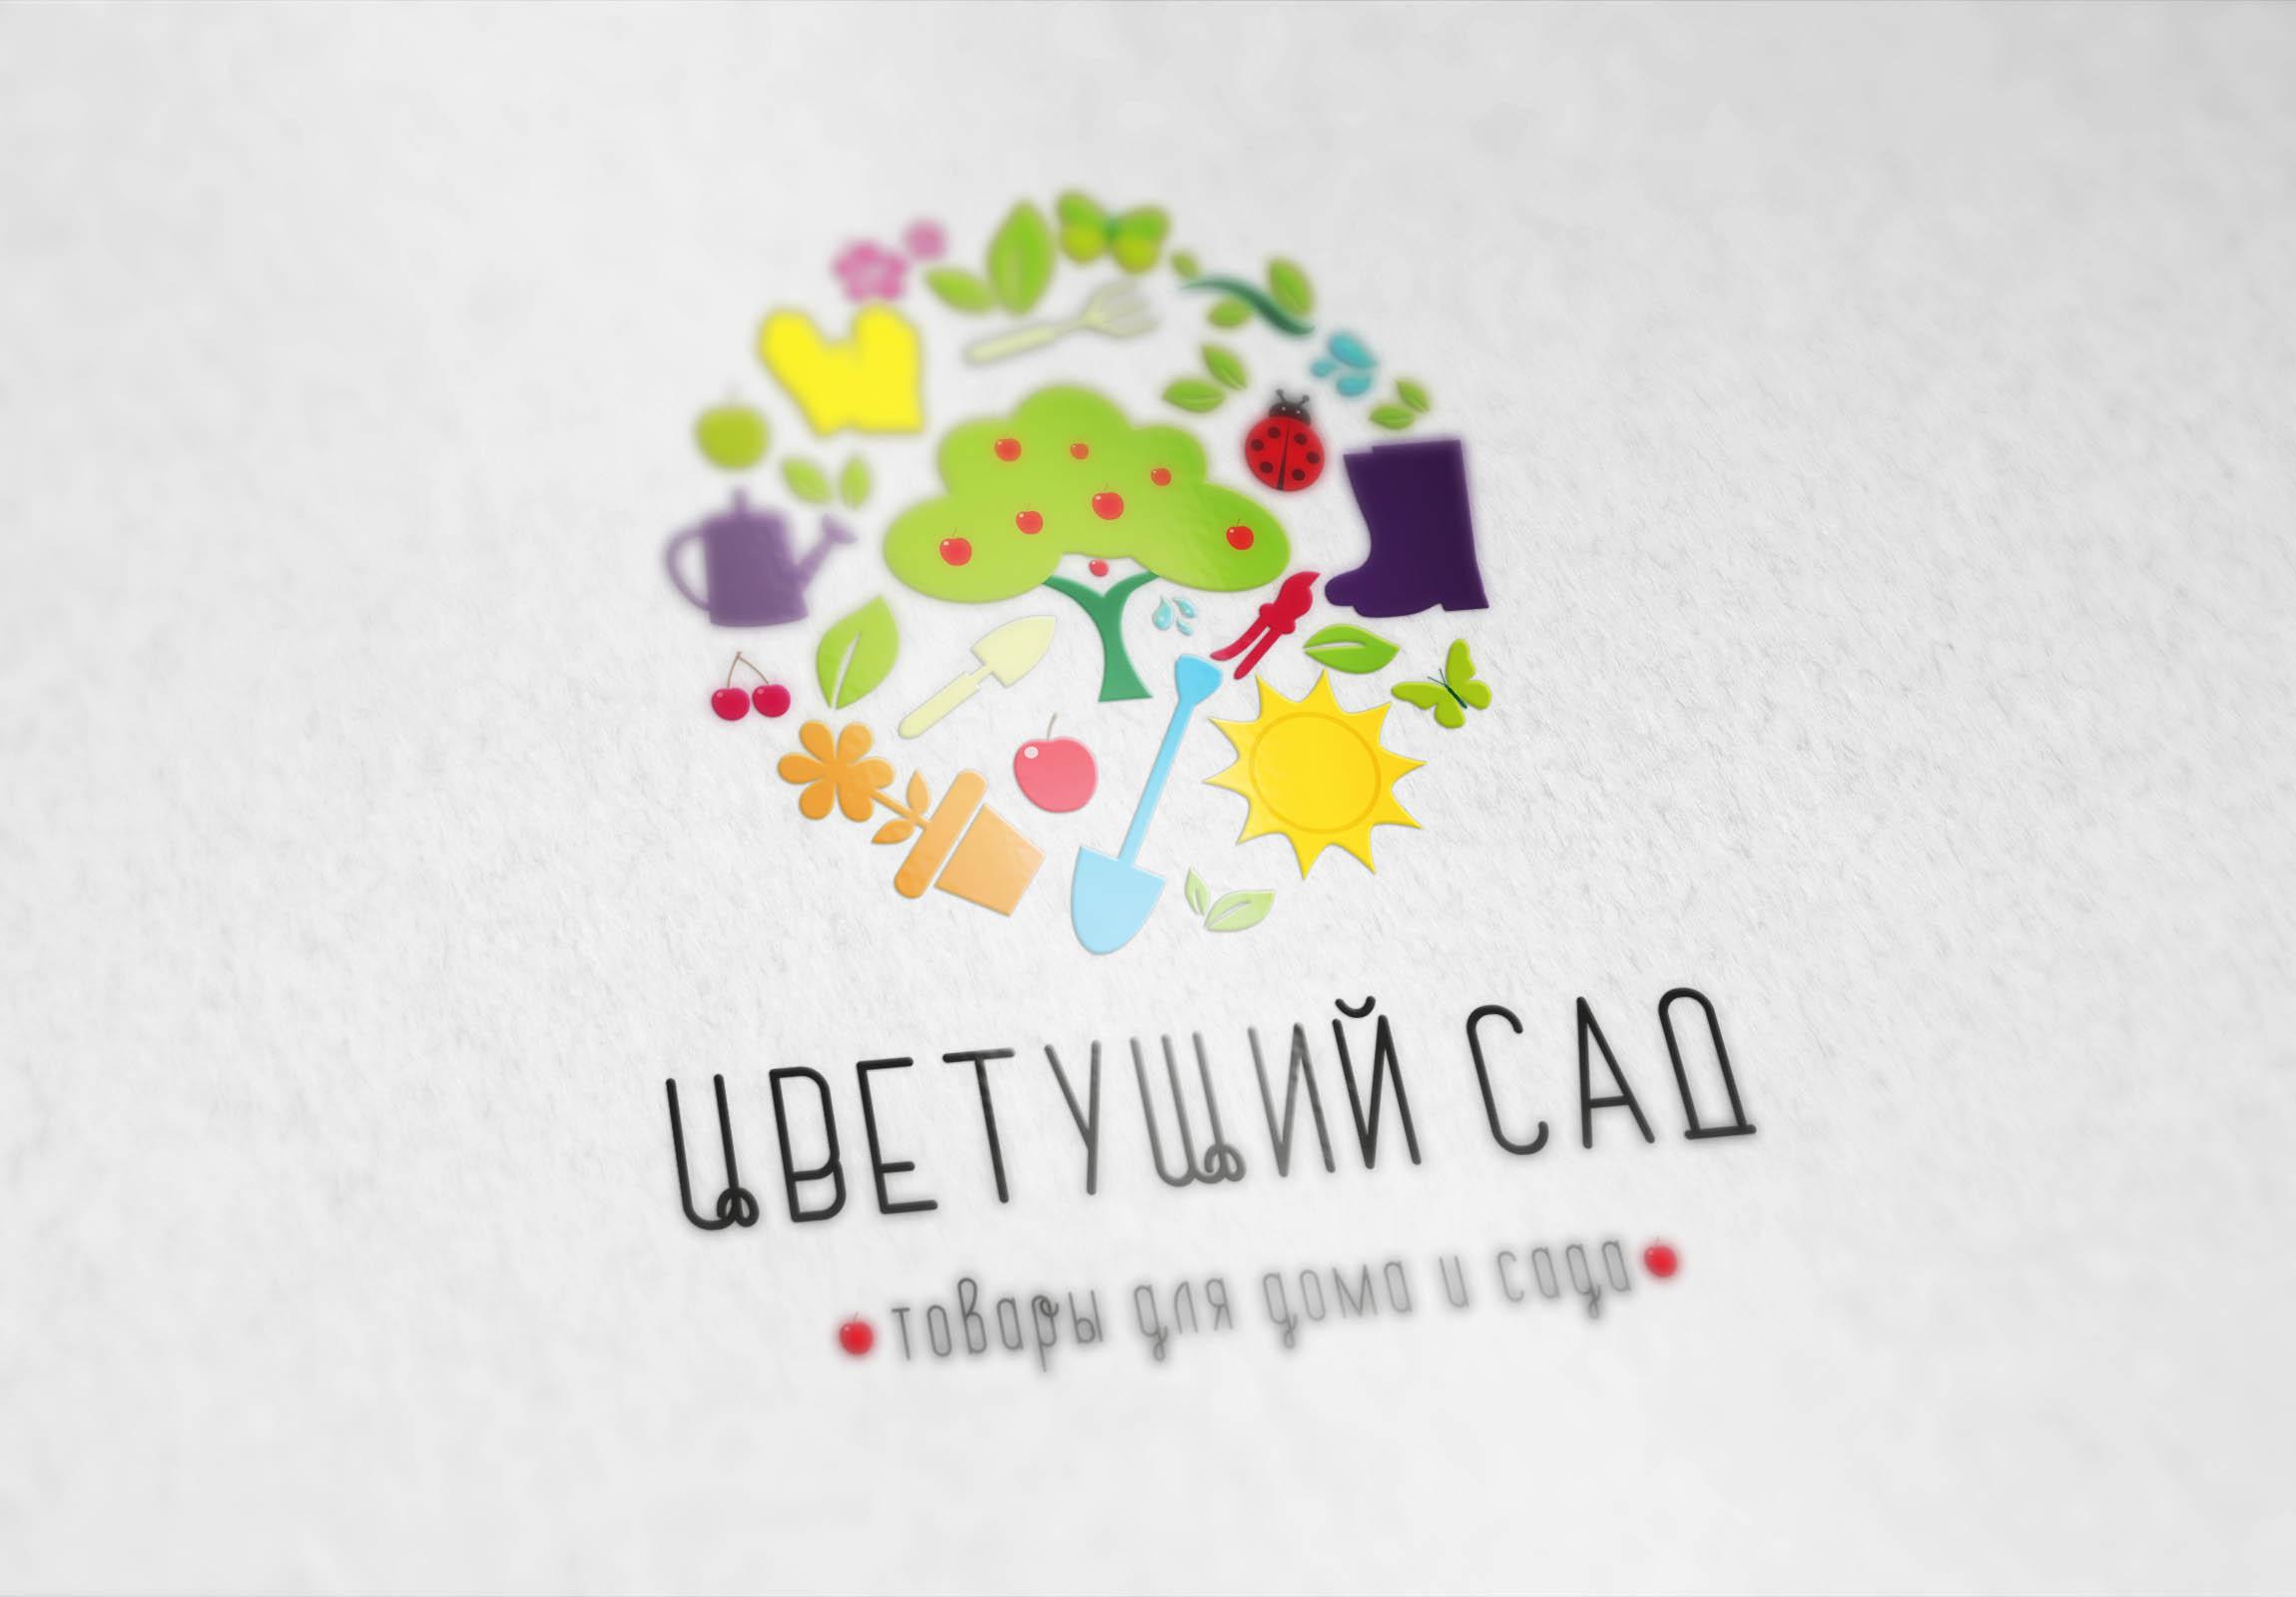 """Логотип для компании """"Цветущий сад"""" фото f_4965b76b6cc95deb.jpg"""